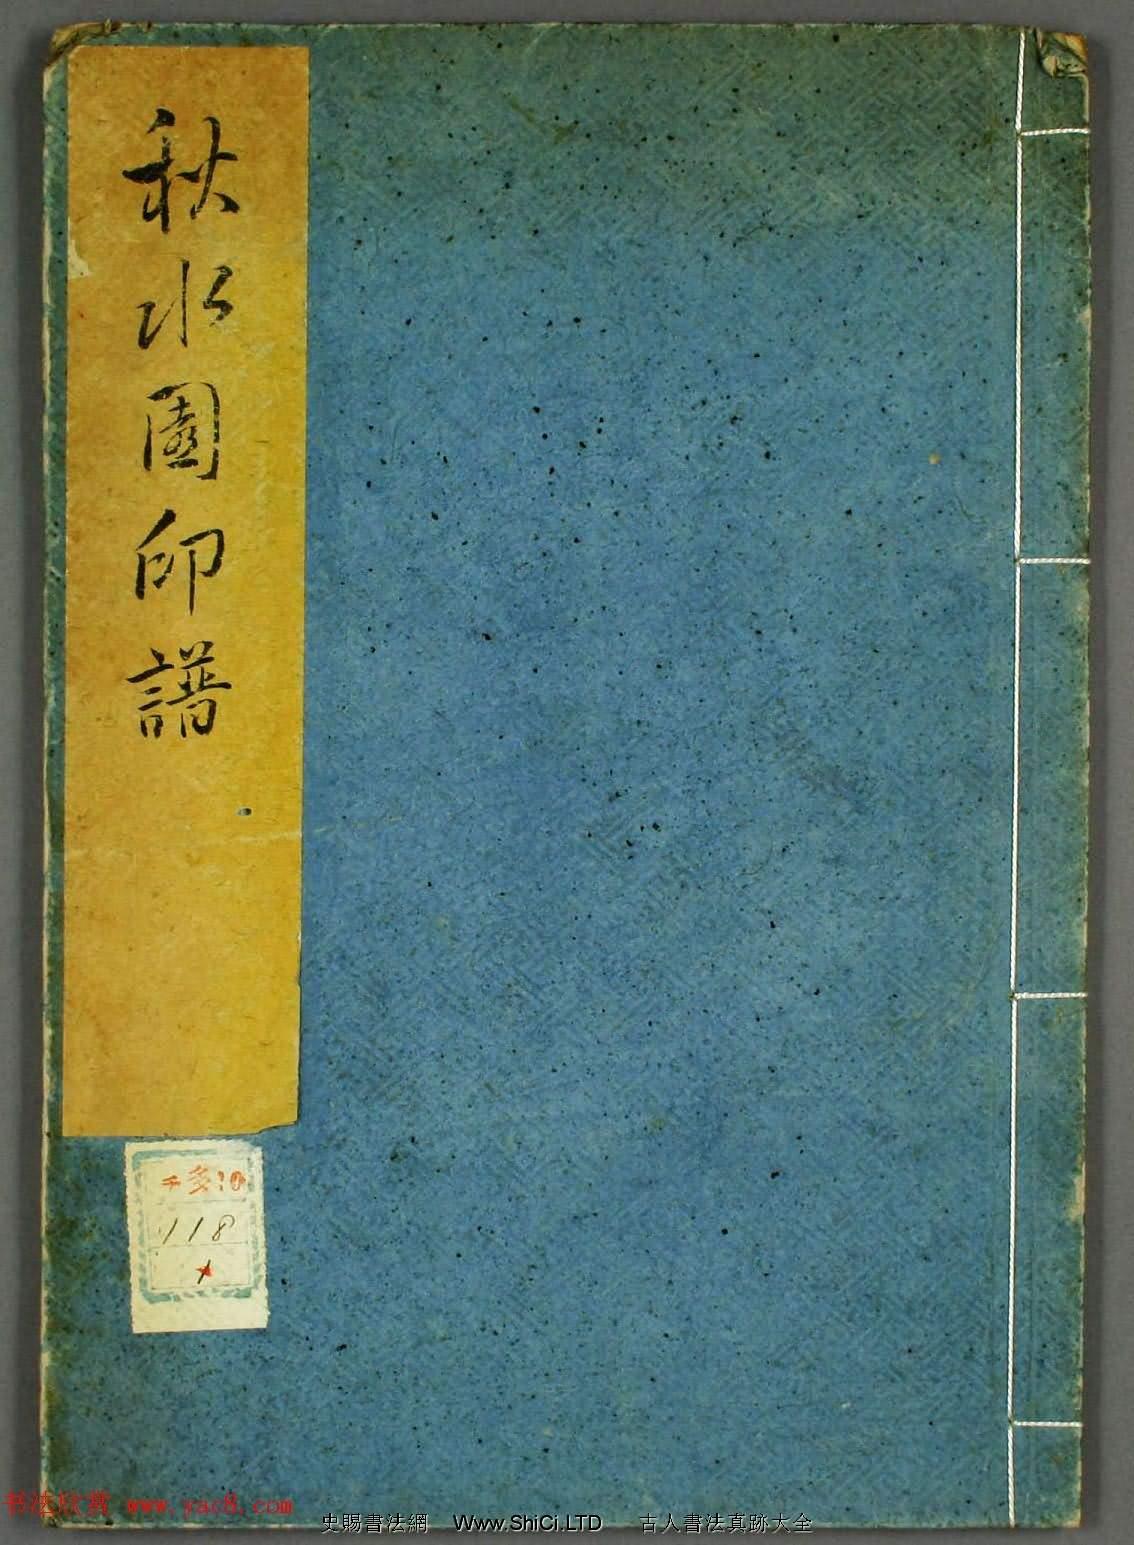 早稻田大學圖書《秋水園印譜》大圖(共4張圖片)